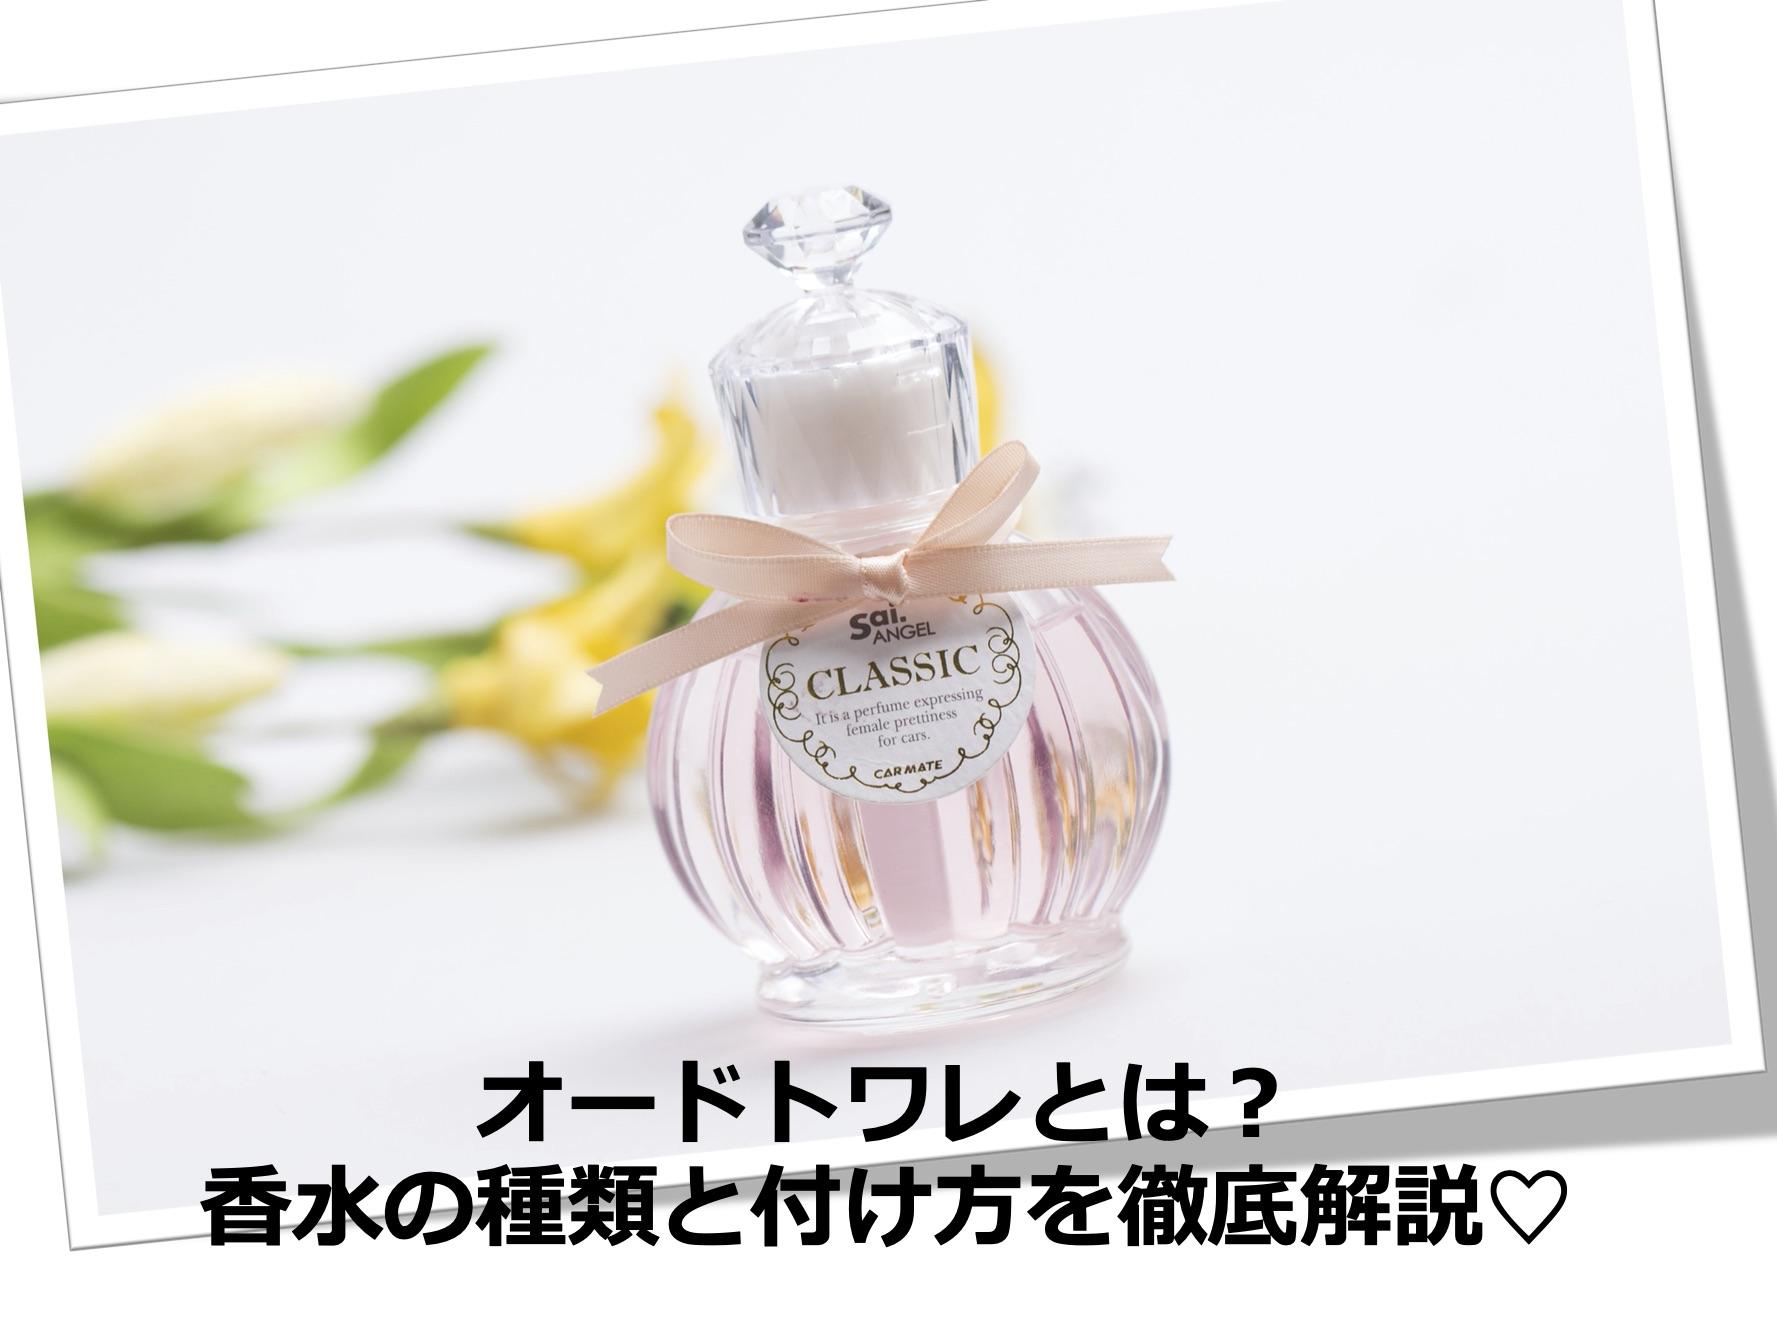 オードトワレとは?香水の種類と付け方を徹底解説! アイキャッチ画像